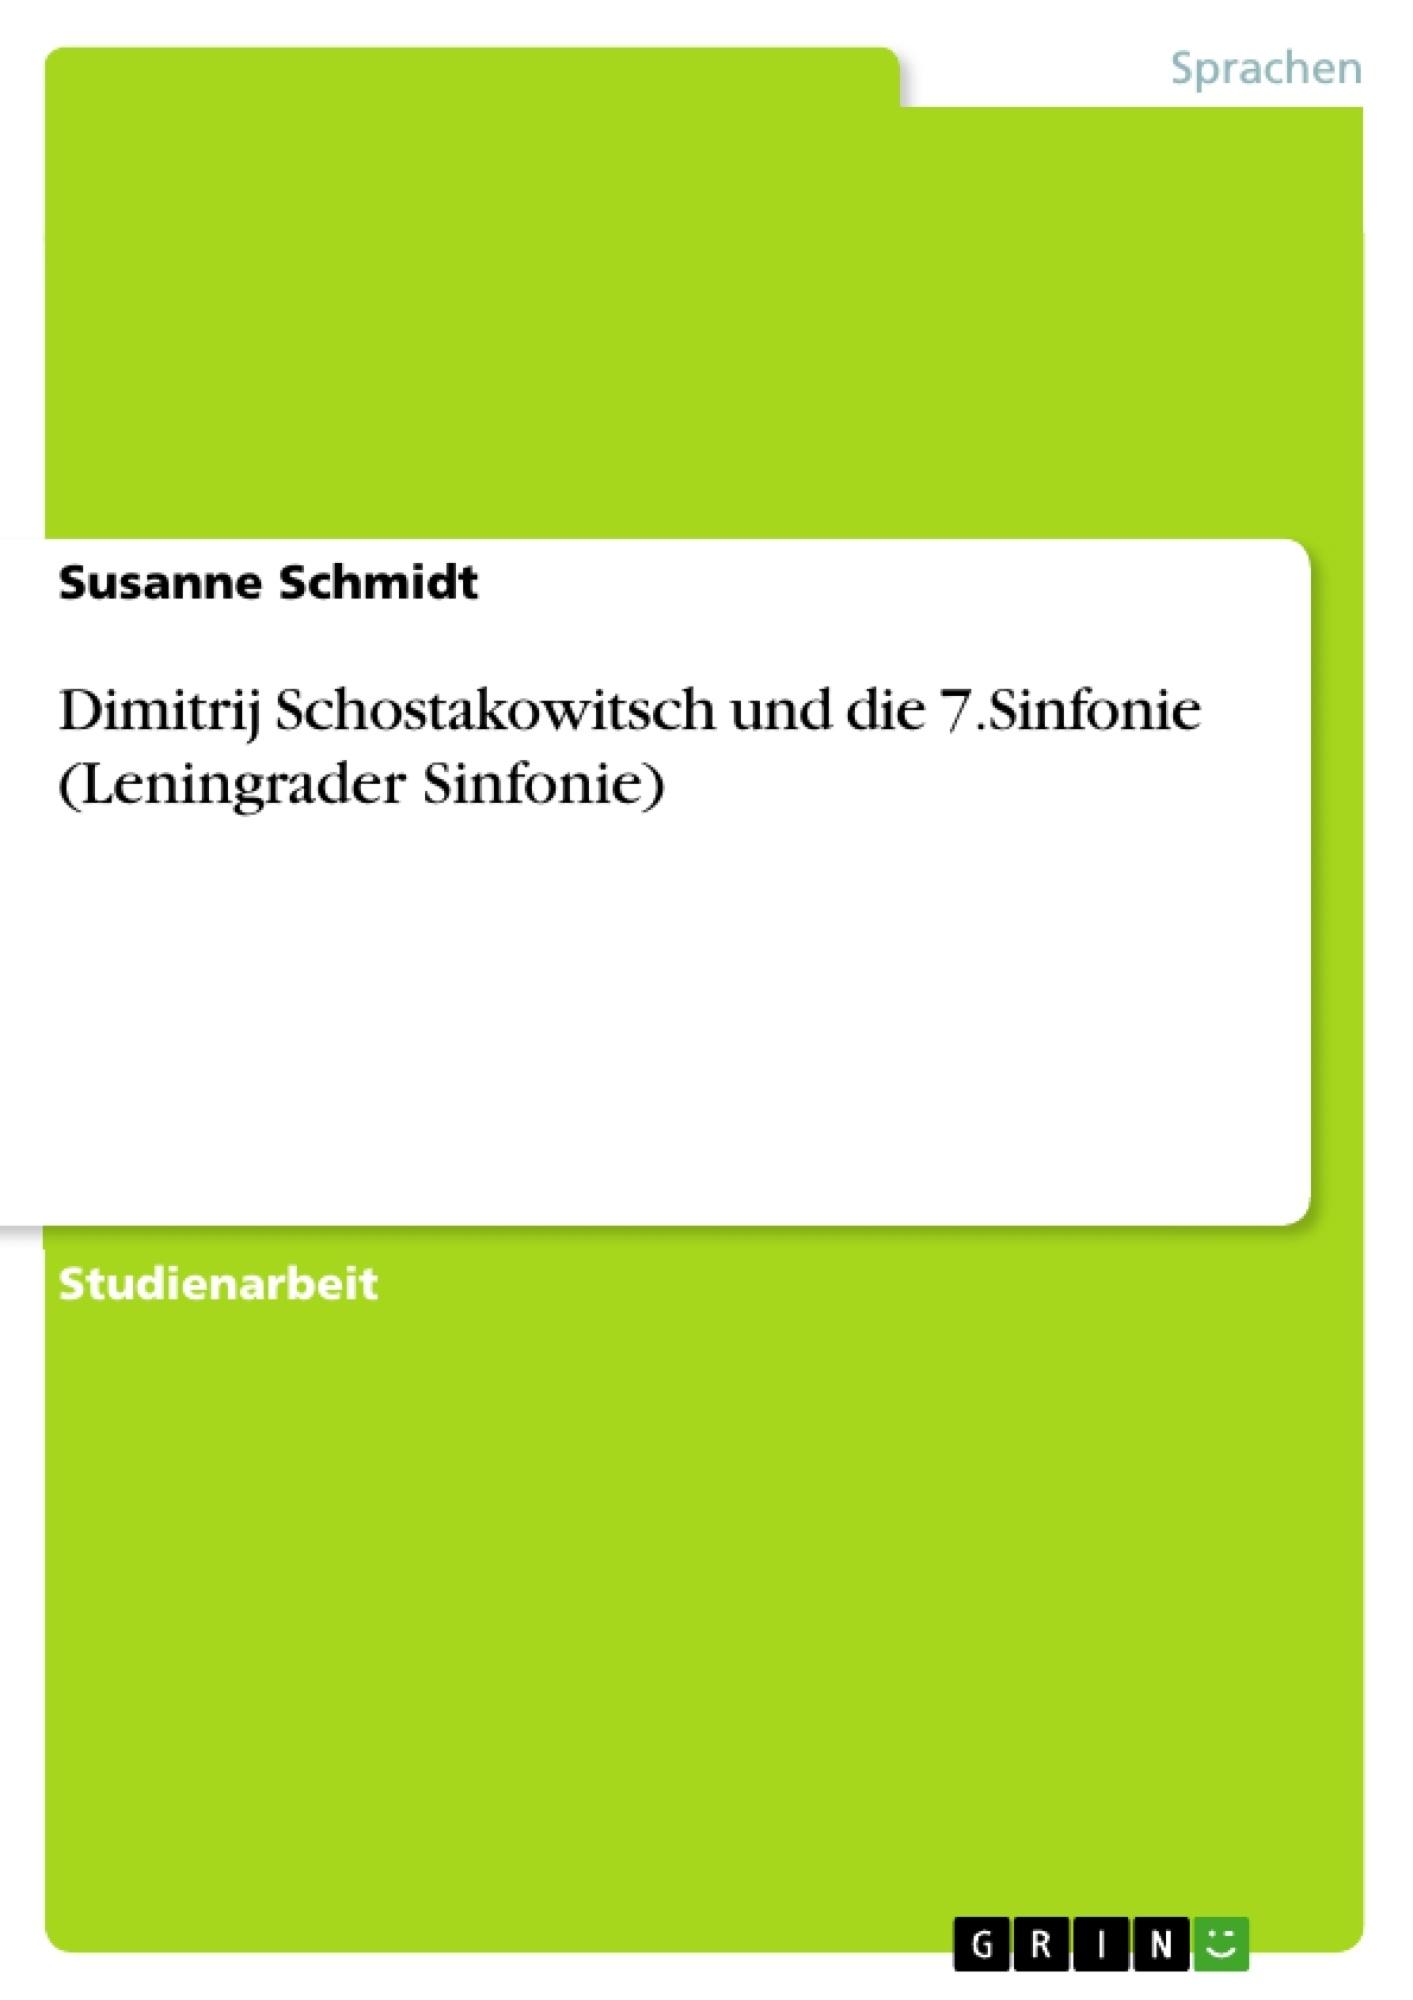 Titel: Dimitrij Schostakowitsch und die 7.Sinfonie (Leningrader Sinfonie)